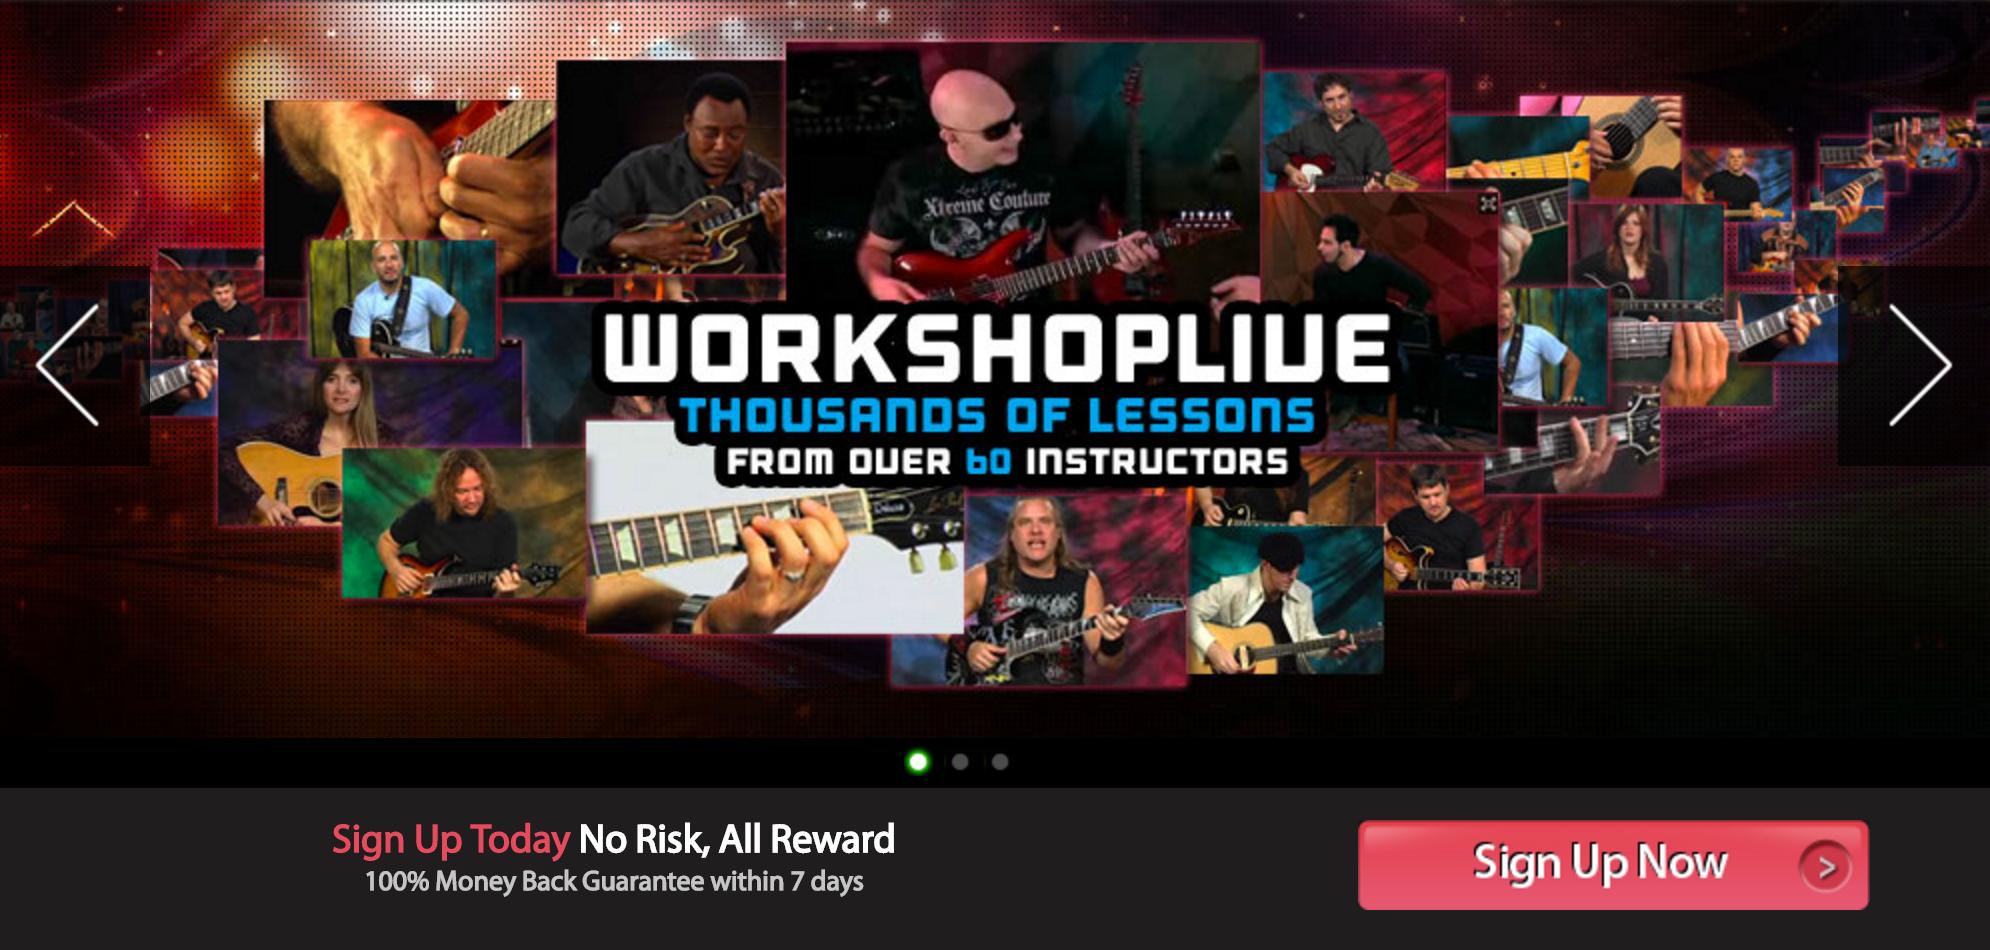 workshop-live1